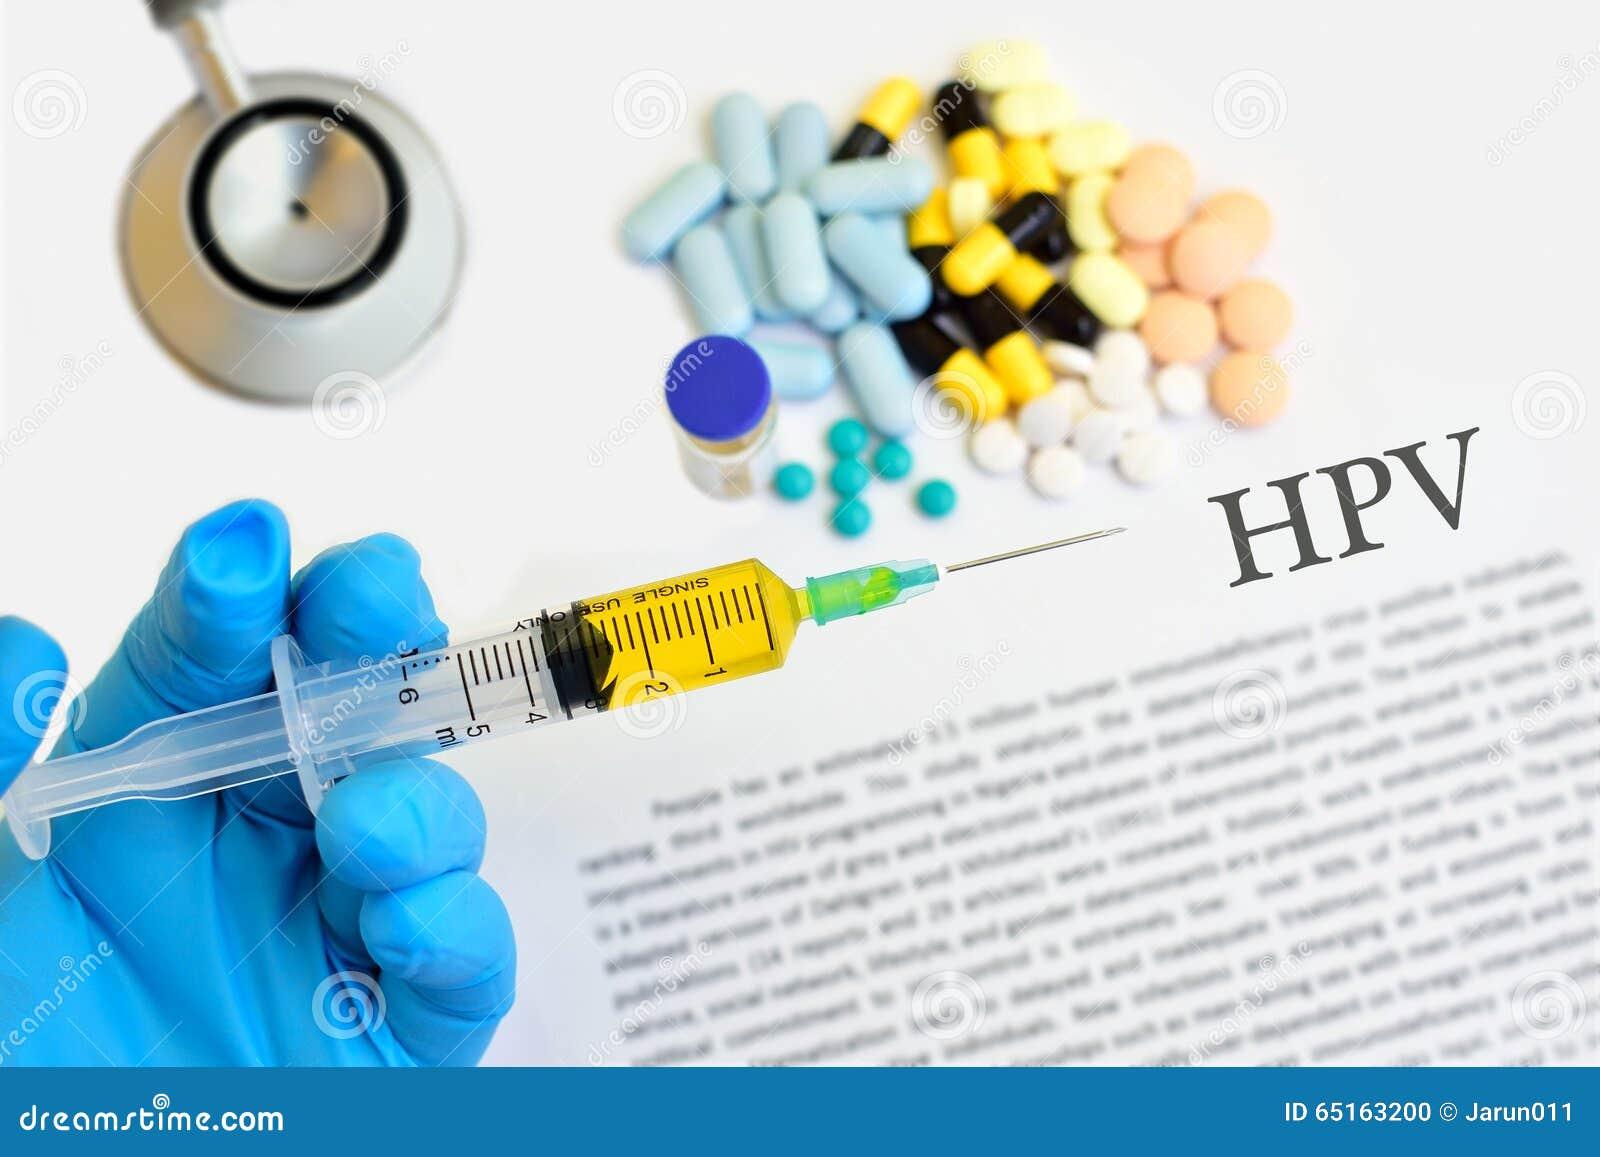 rimedi naturali per debellare gli ossiuri virus papiloma humano hombres cura